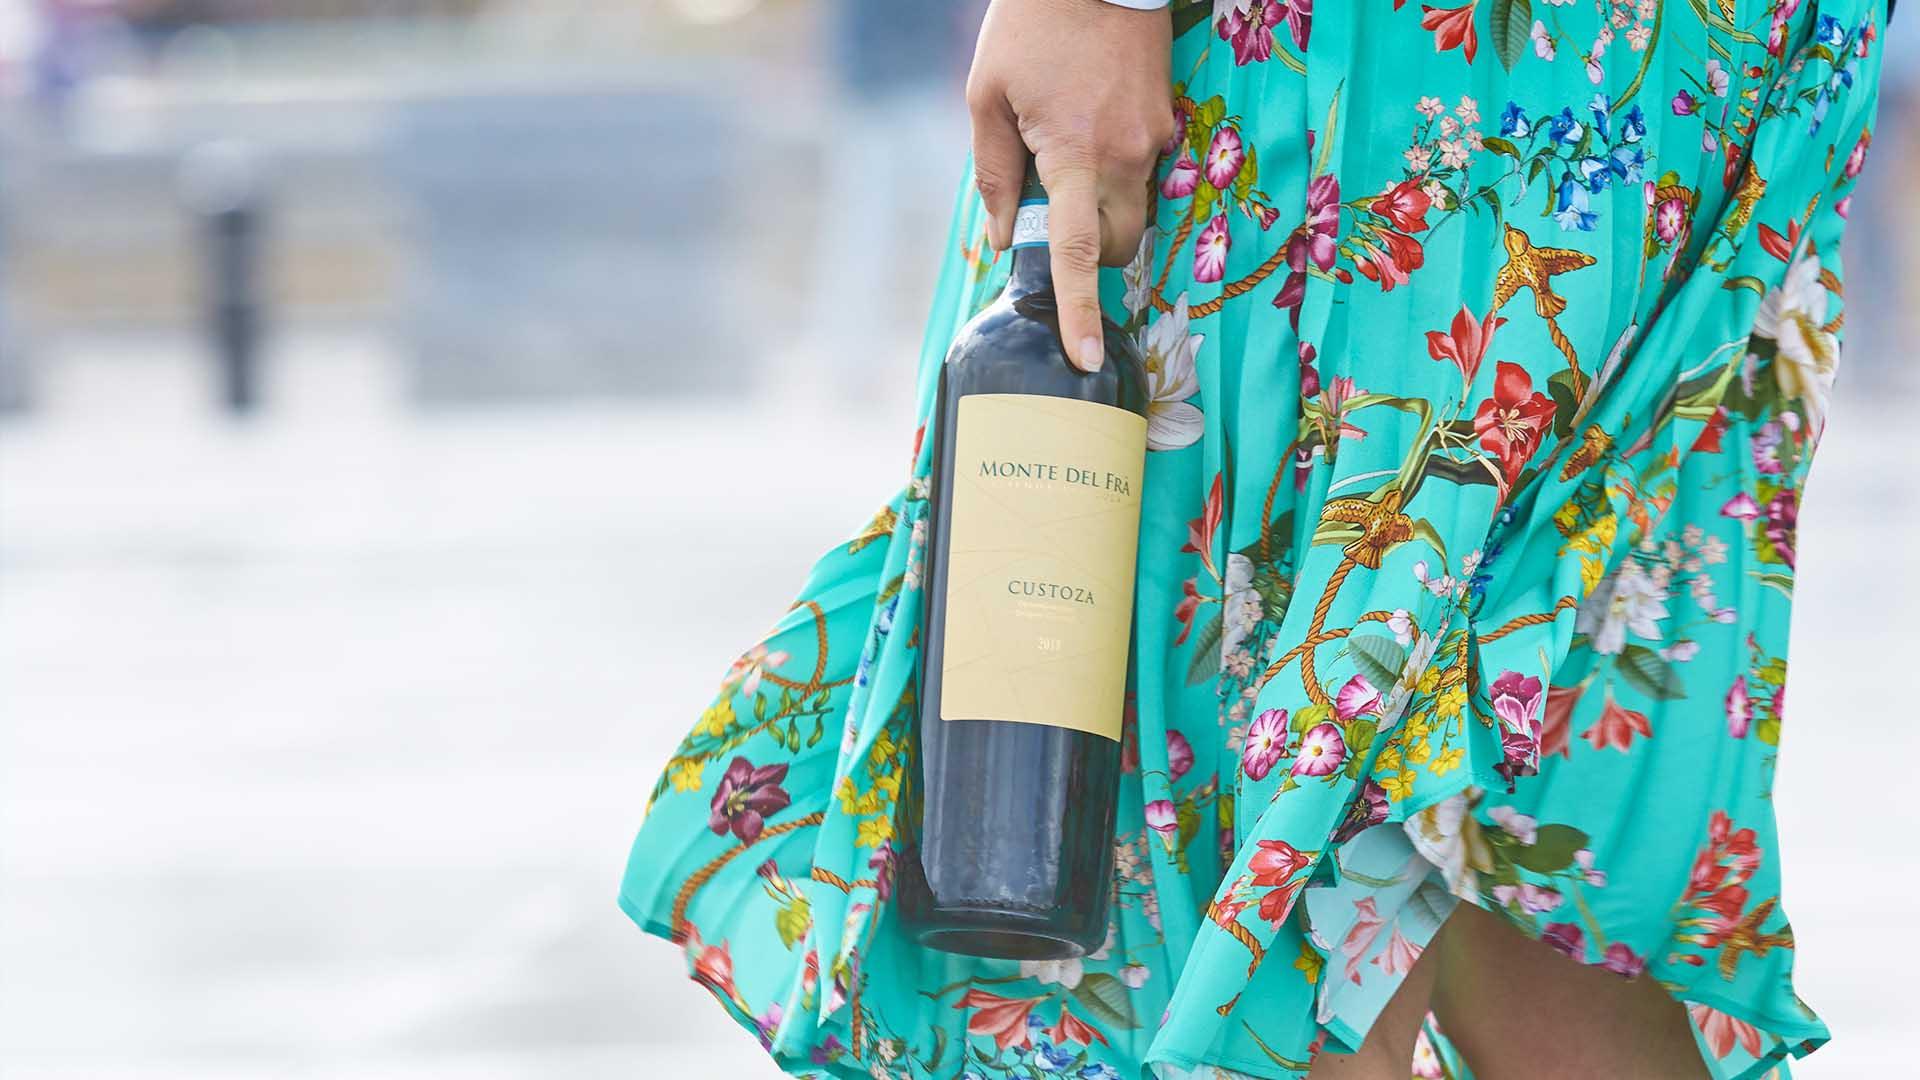 Weinprobe am Gardasee. Entdecken Sie die Region!